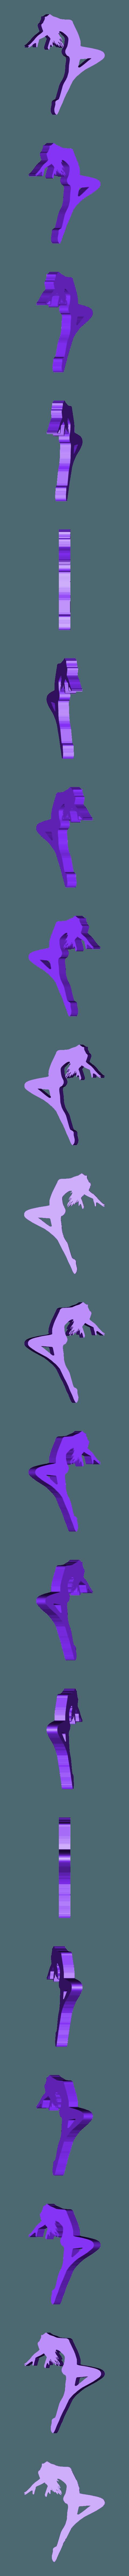 21.stl Télécharger fichier STL Pack Silhouette Sexy • Objet imprimable en 3D, CarlCreates